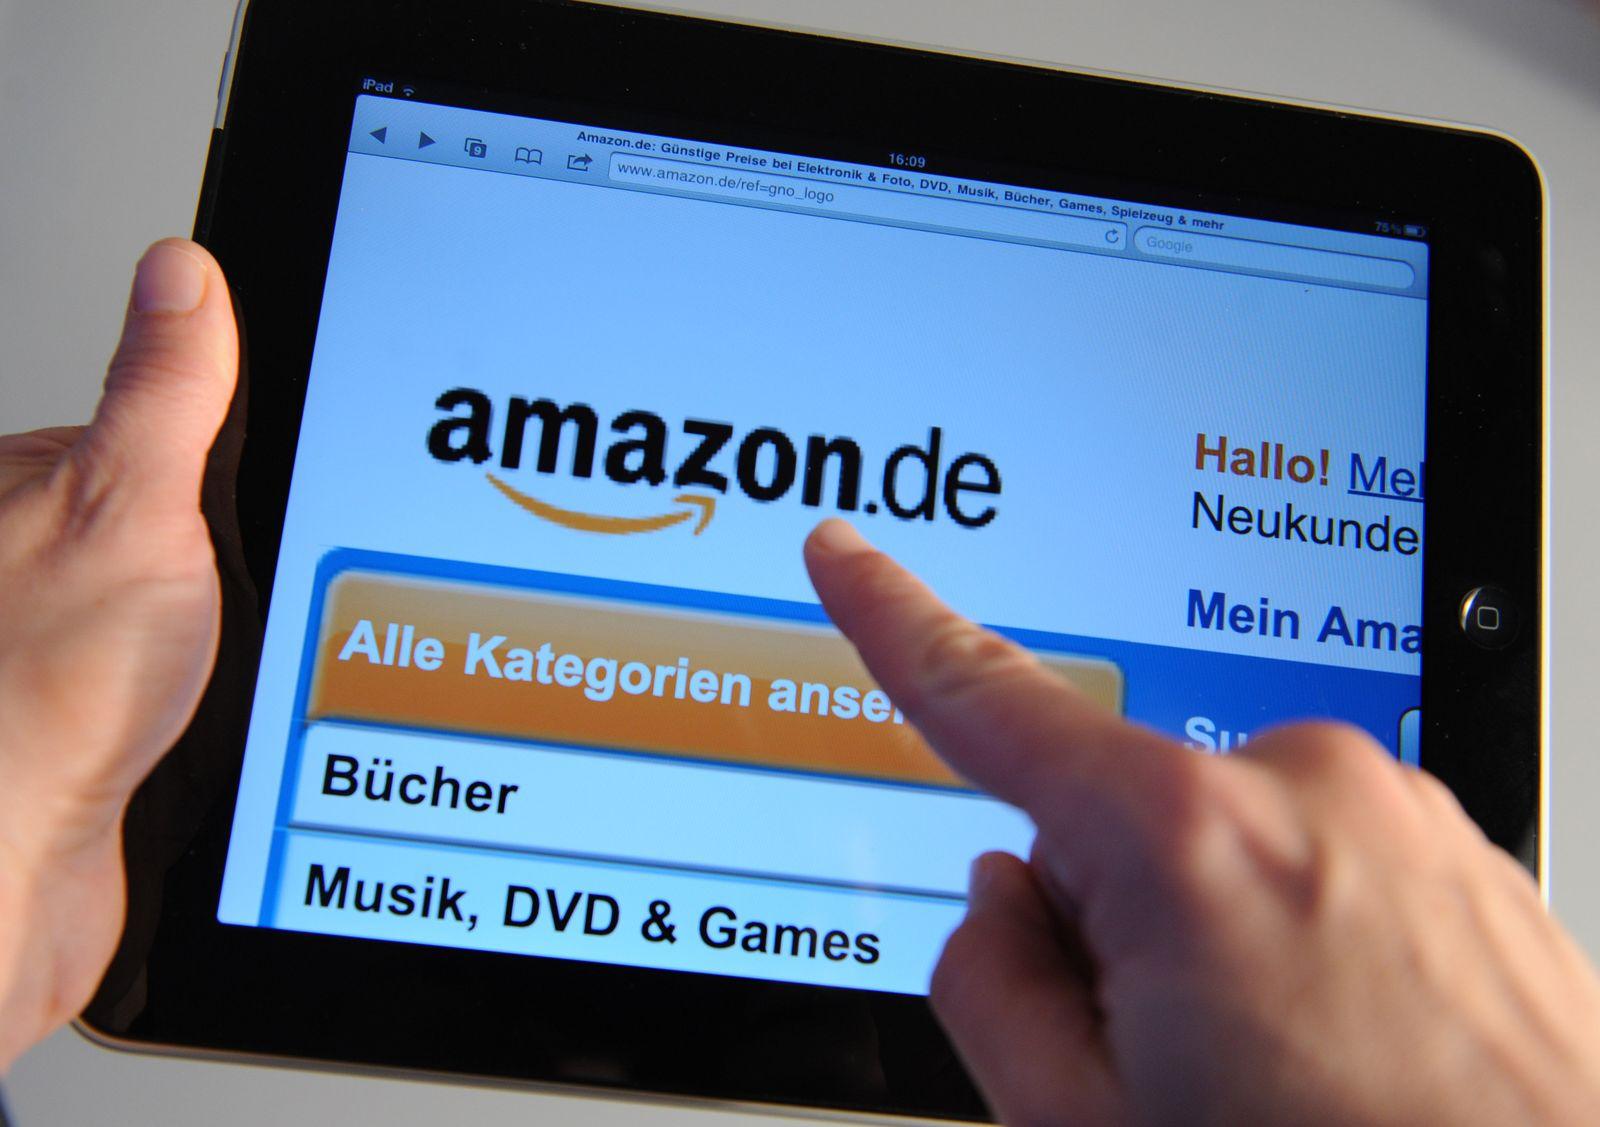 Europäische Websites von Amazon nicht erreichbar